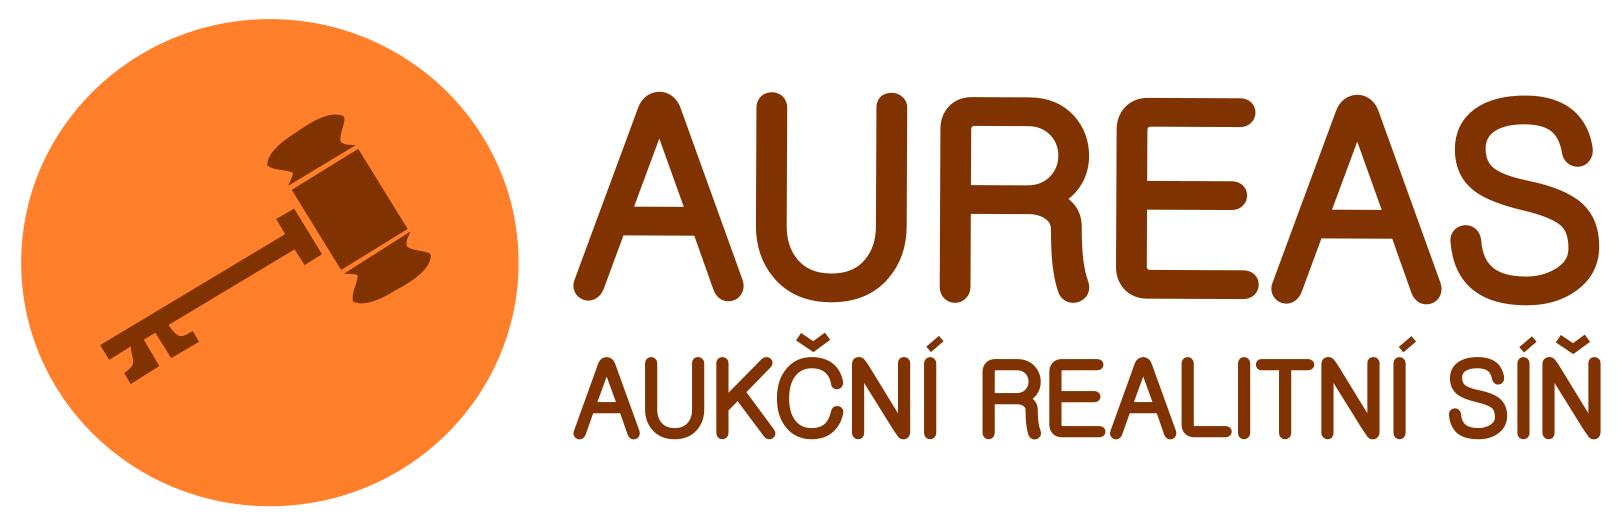 Aureas